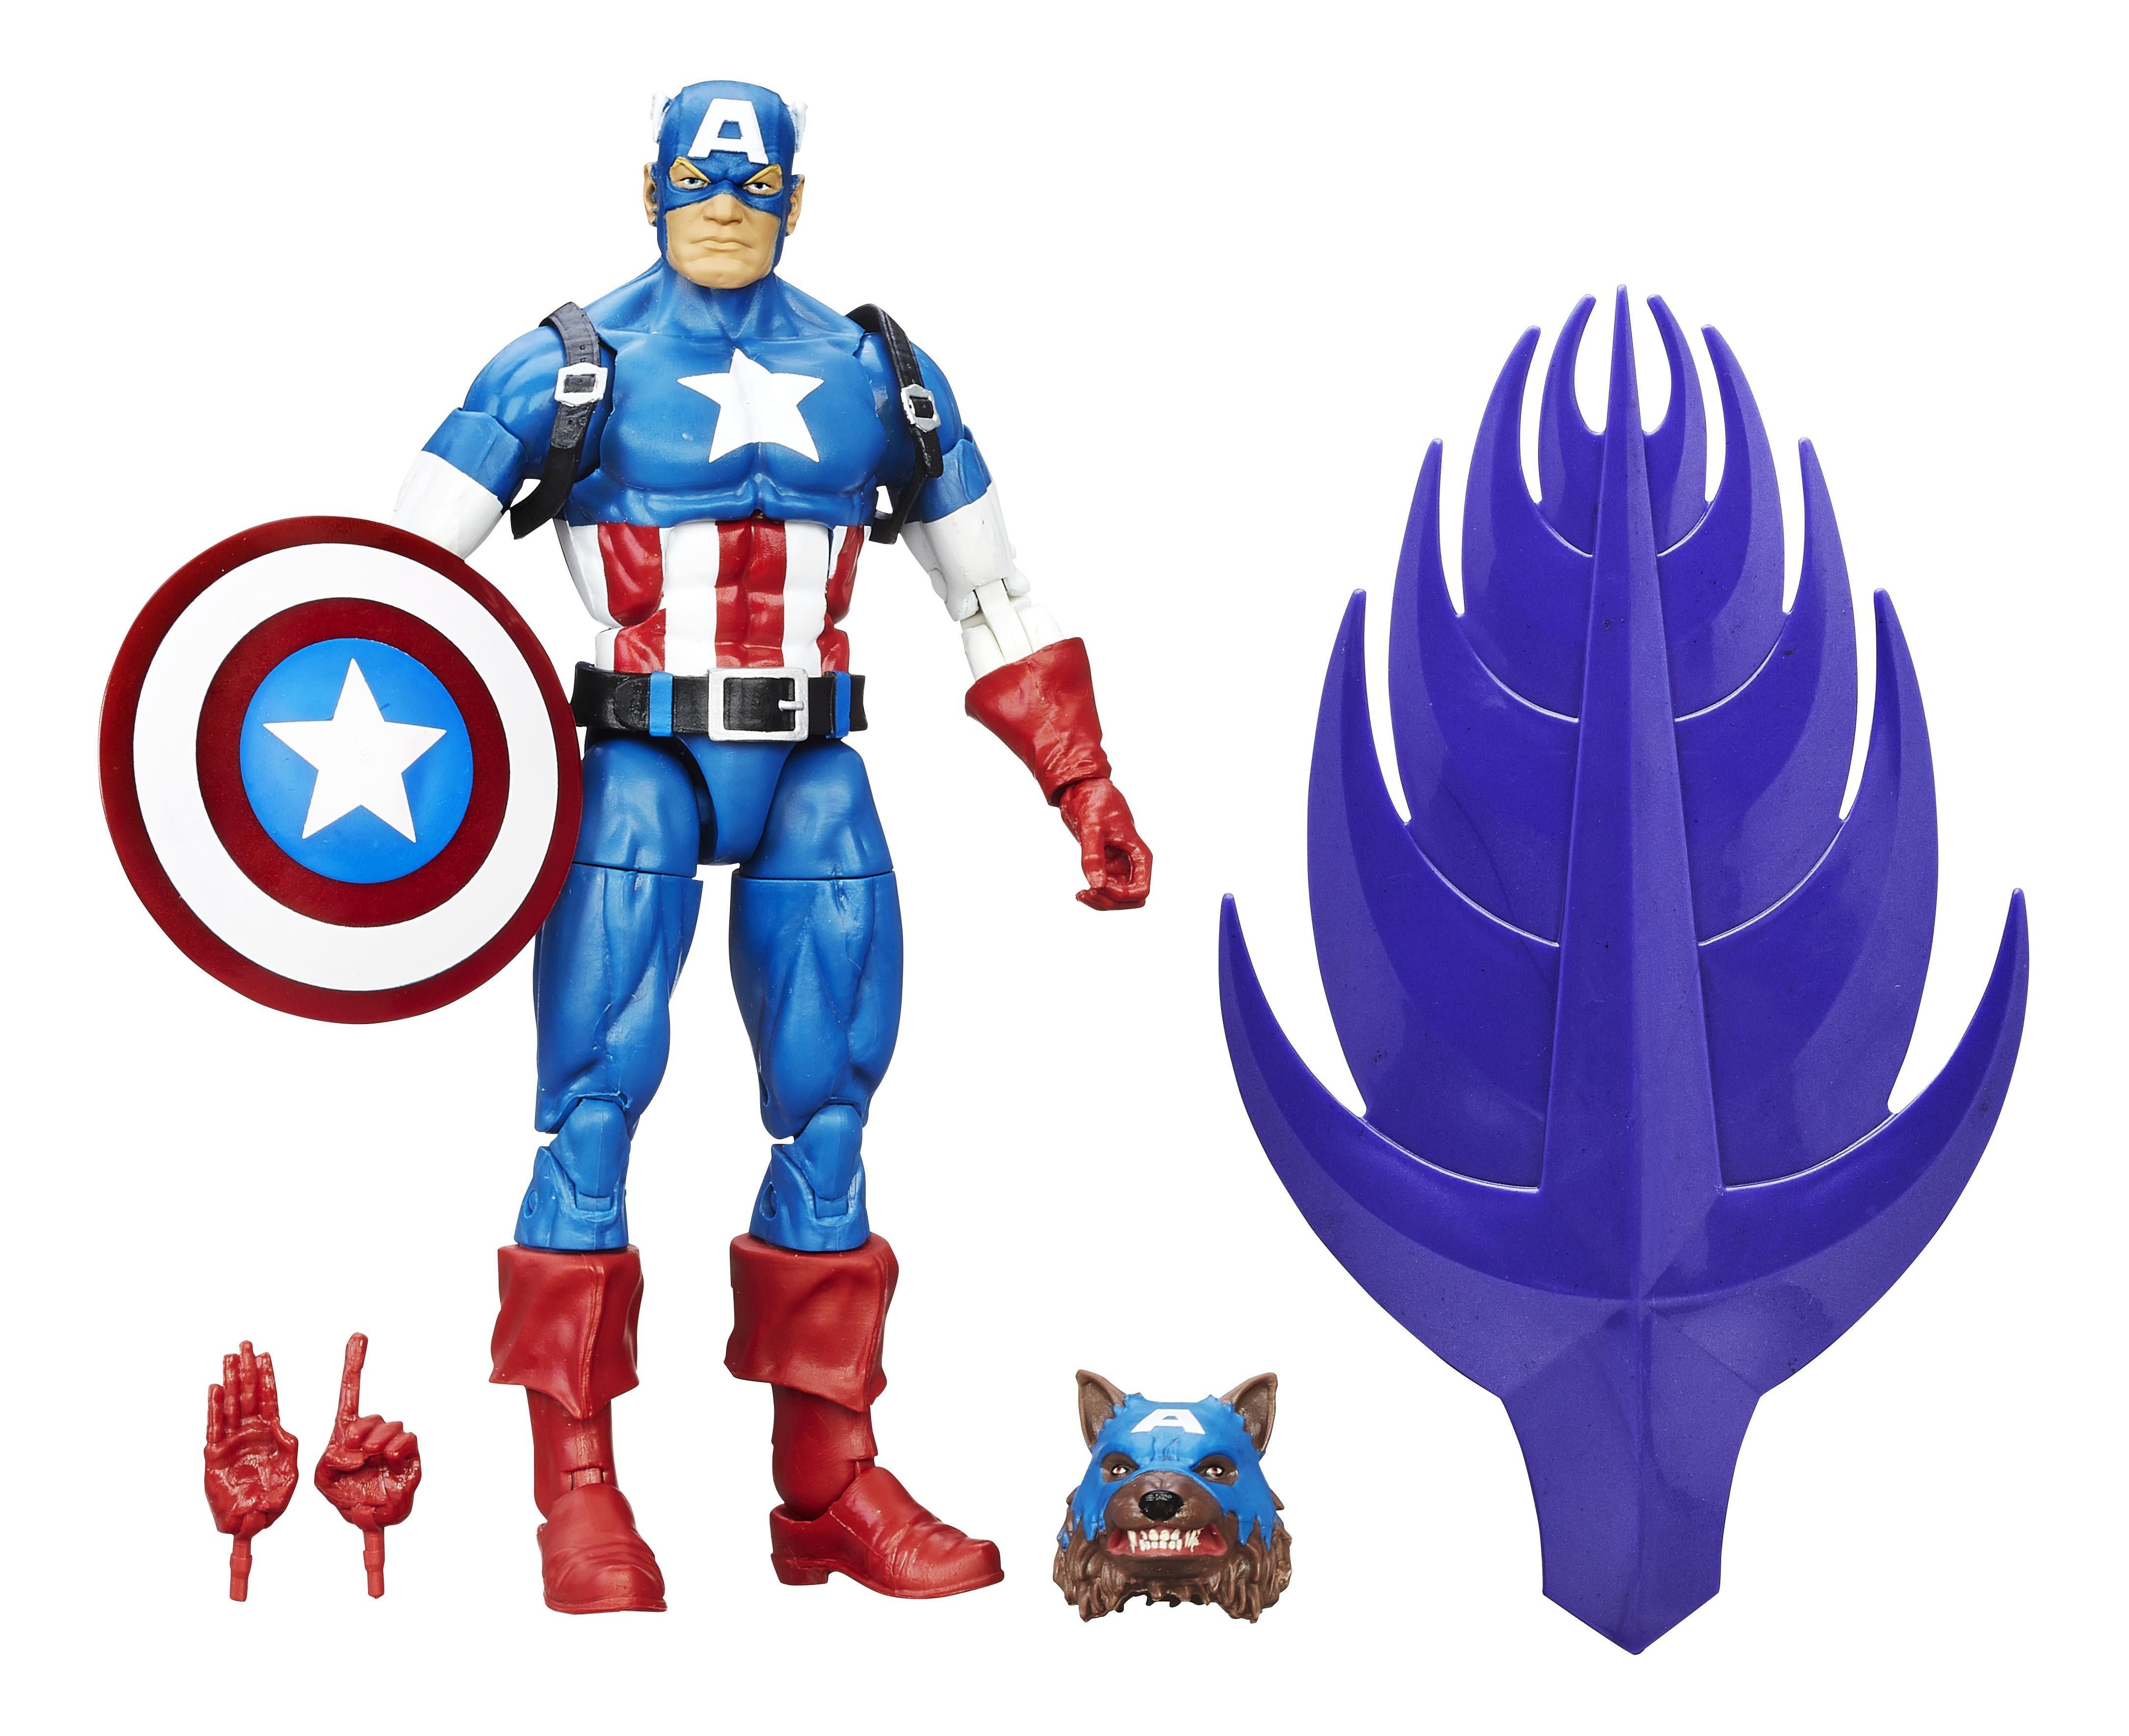 Купить Коллекционная фигурка Marvel Legends Series 6 Капитан Америка 15 см B6355 B6394, Игровые фигурки